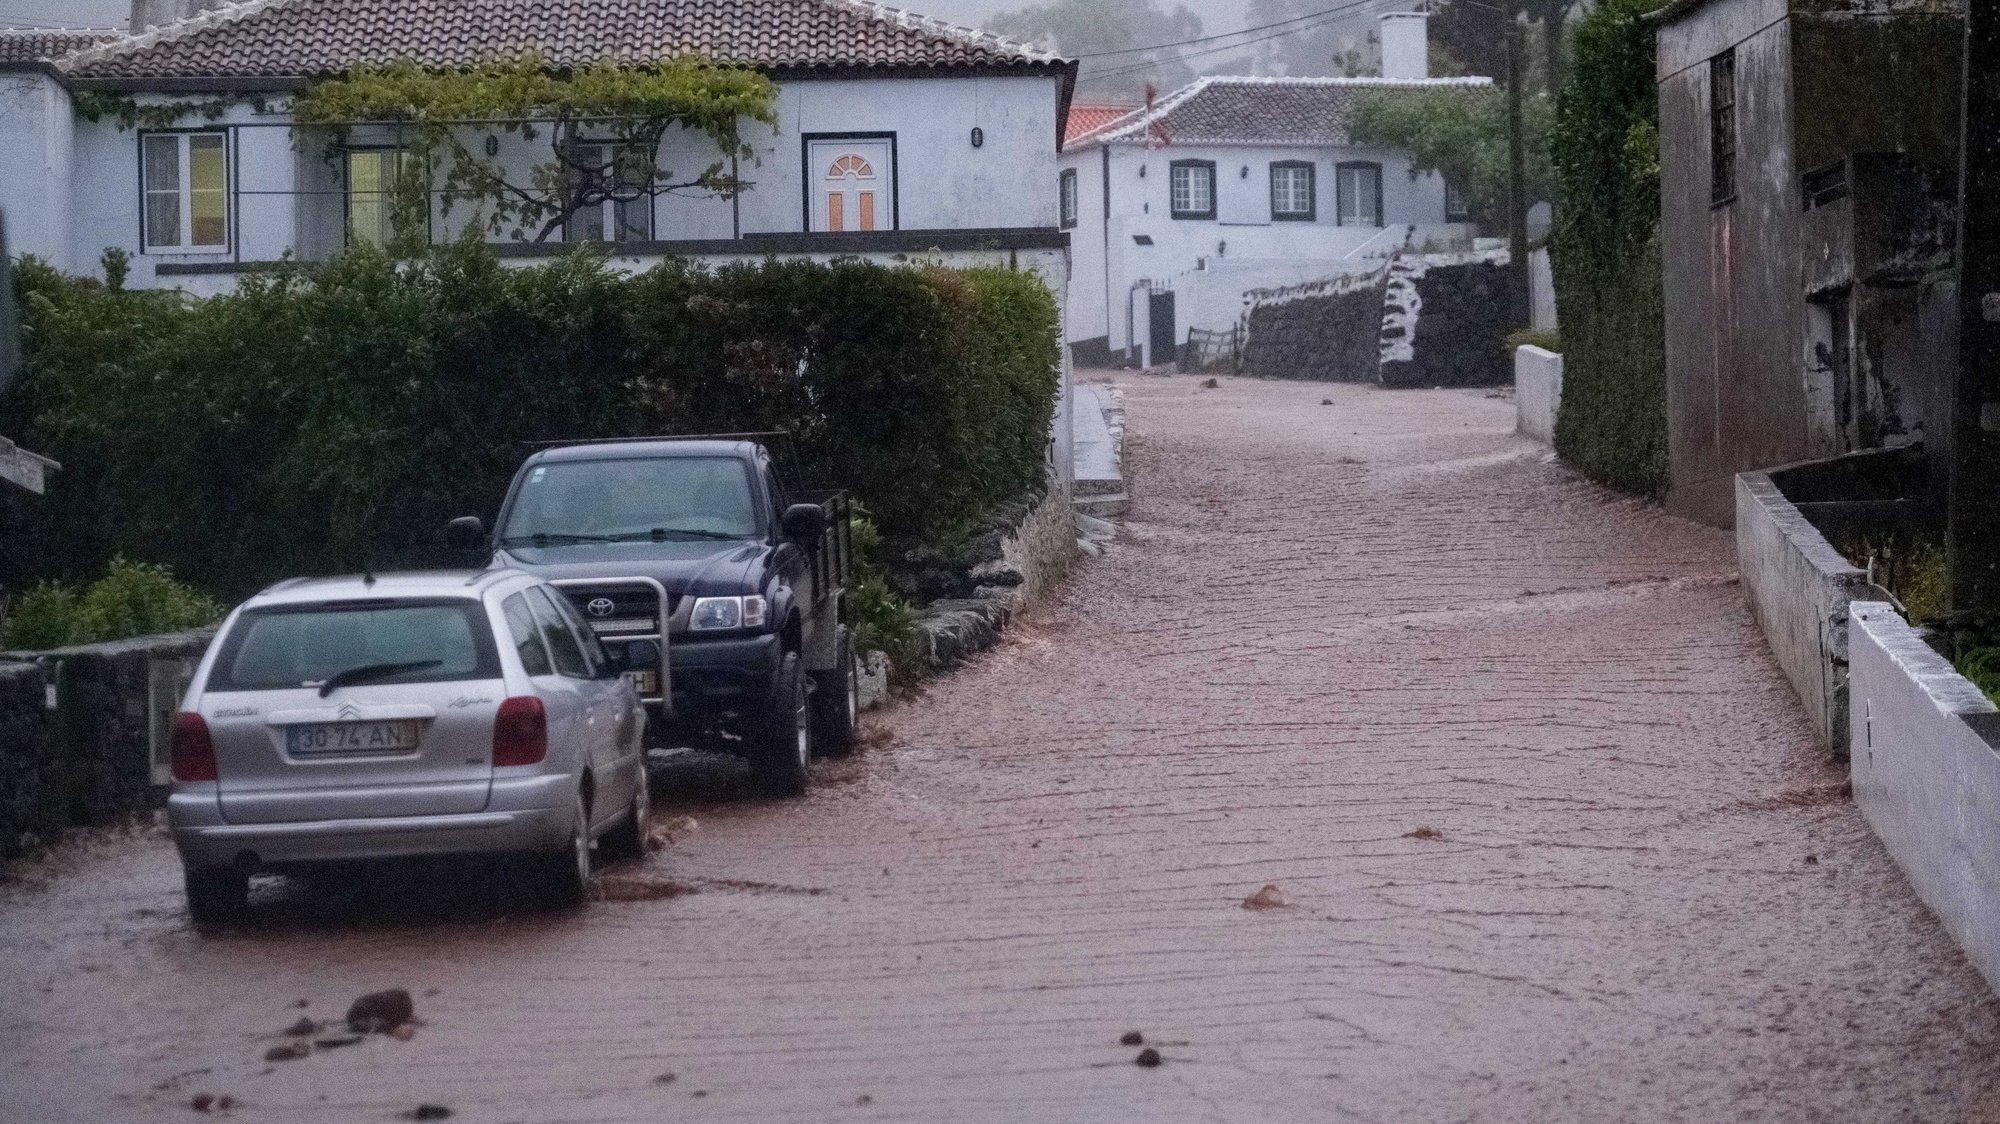 Nove pessoas tiveram de ser realojadas na ilha Terceira, no domingo, devido ao mau tempo que está a afetar os grupos central e oriental dos Açores, informou o Serviço Regional de Proteção Civil e Bombeiros dos Açores (SRPCBA)., 17 de junho de 2019. ANTÓNIO ARAÚJO/LUSA